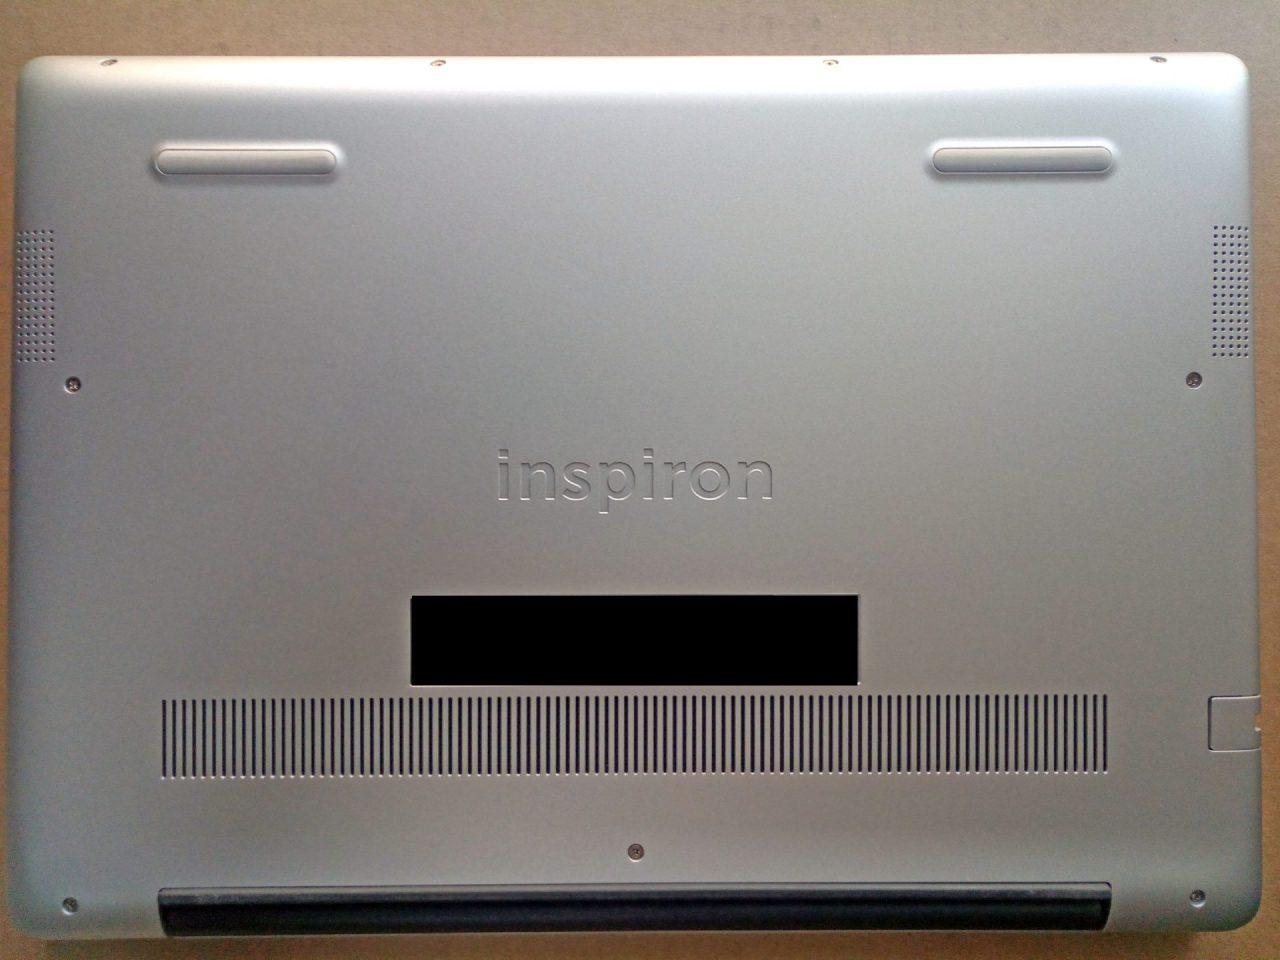 DELLのノートパソコン『Inspiron 14 5000(5485) Ryzen5』をレビュー 想像以上にサクサク動きます